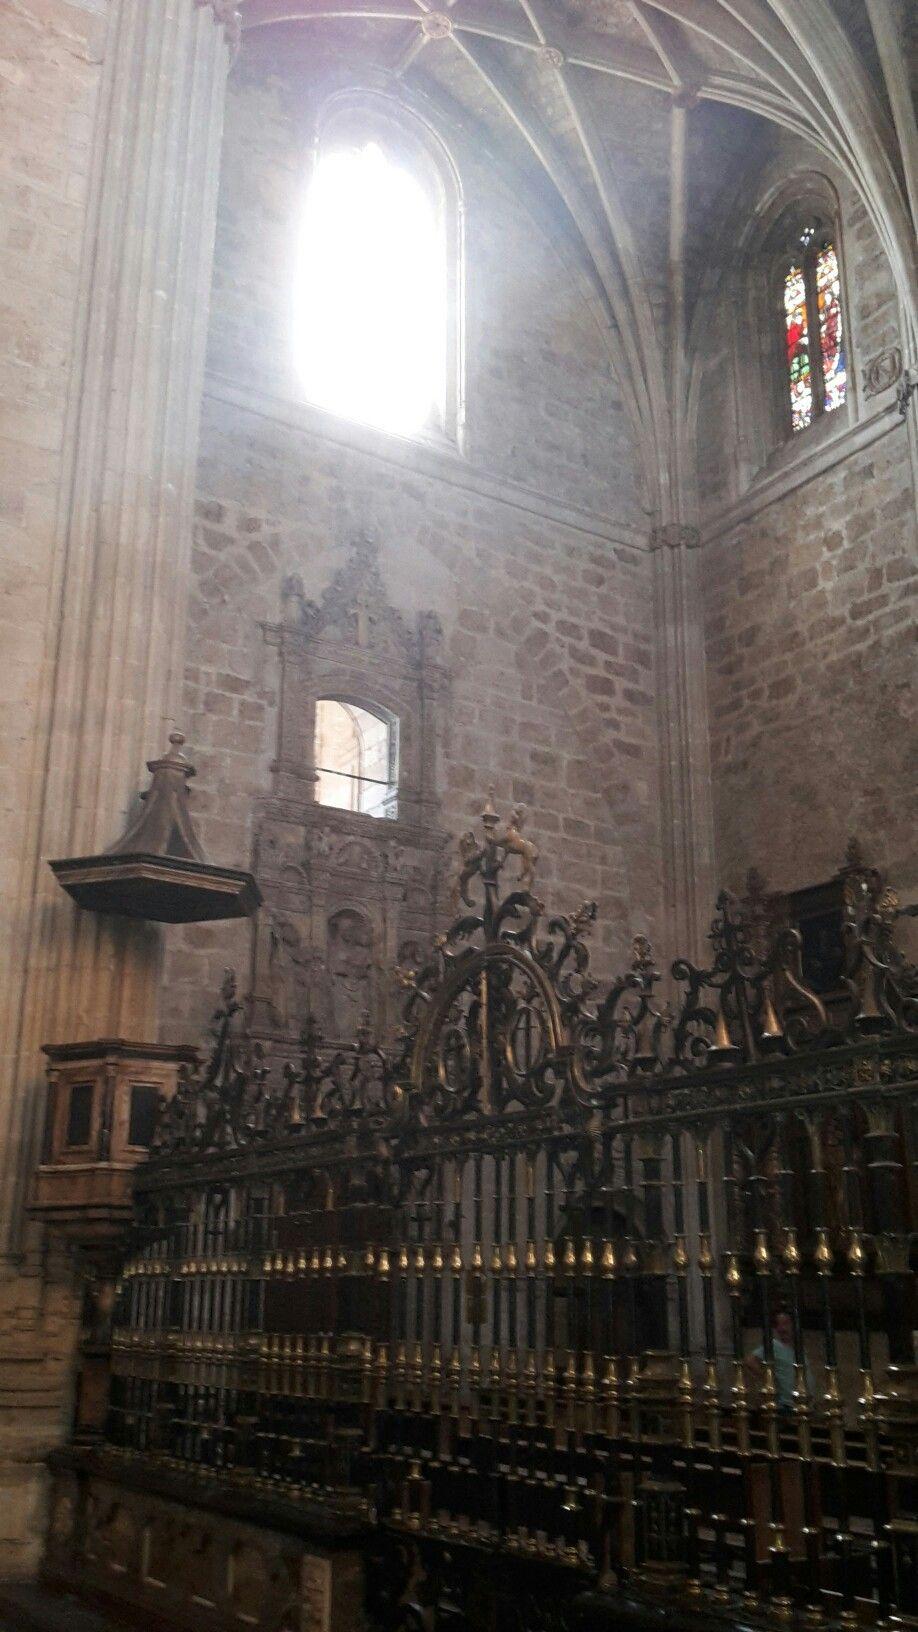 Le N Interior Iglesia Parador De San Marcos Le N Pinterest # Muebles Sasamon